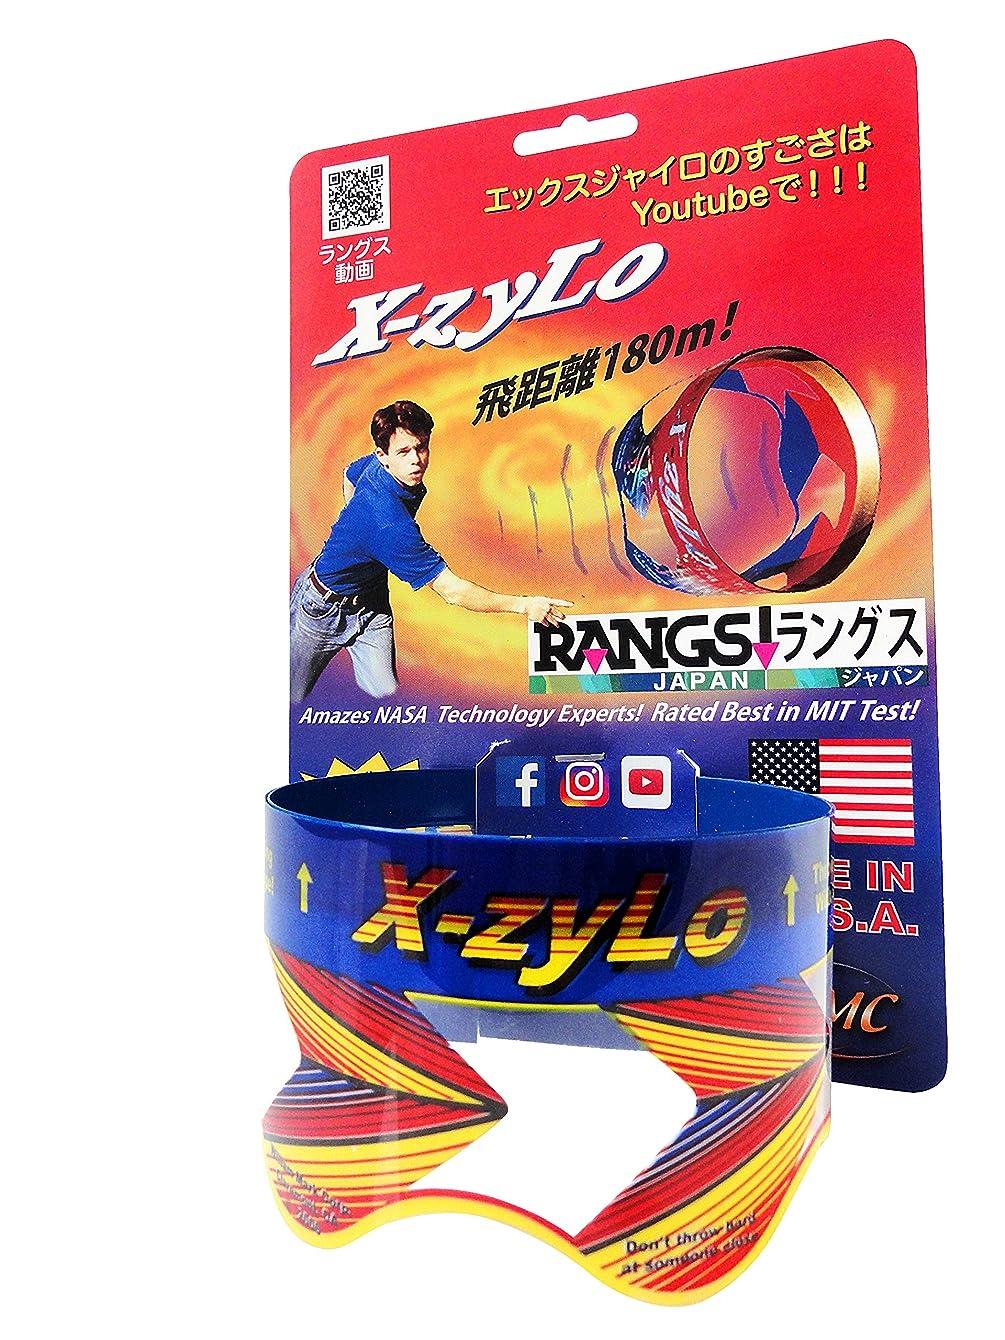 シチリアチョコレート芝生ラングスジャパン(RANGS) Xジャイロ ブルー